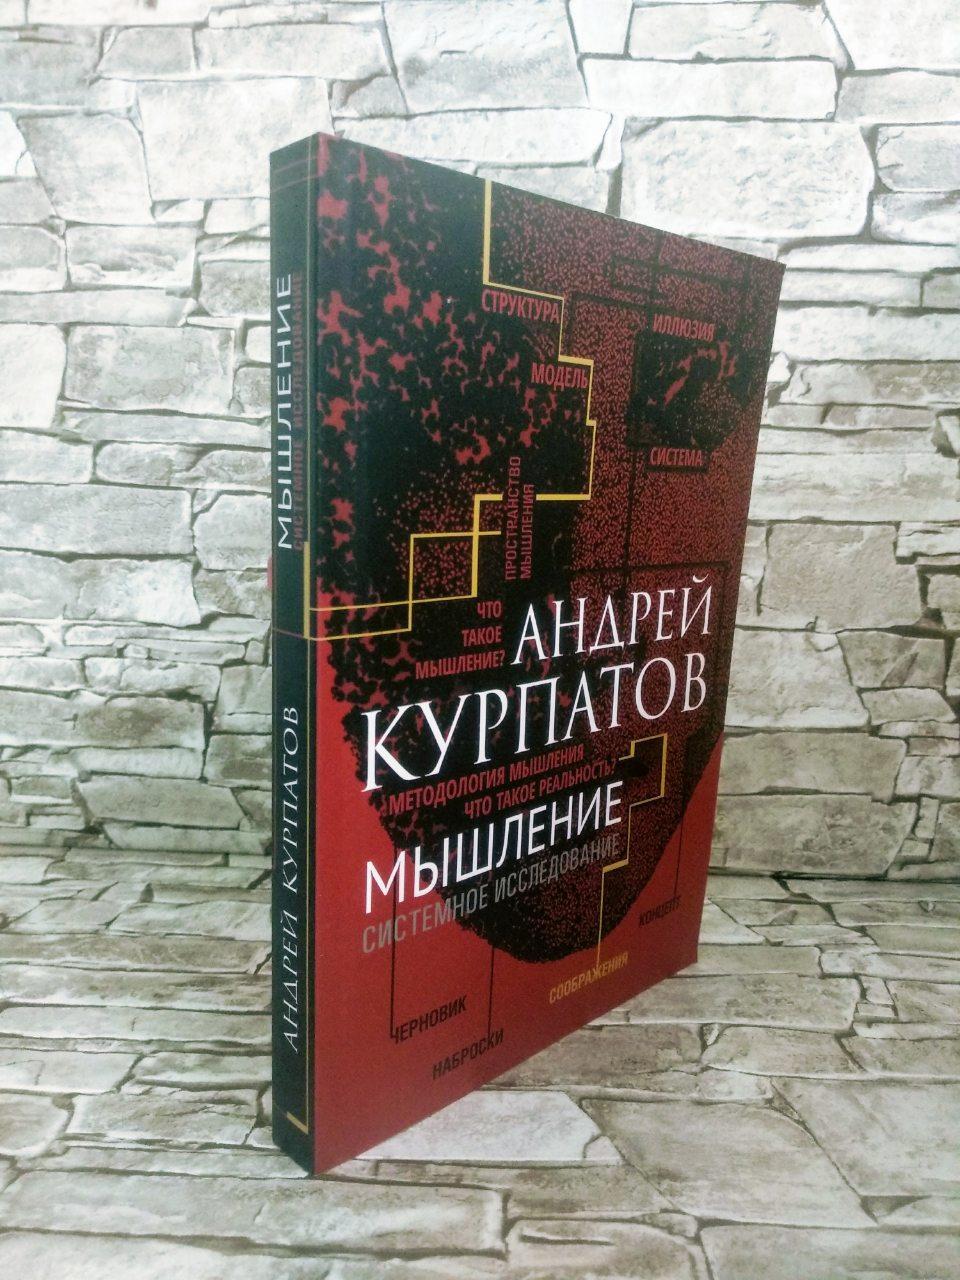 """Книга """"Мышление. Системное исследование"""" Андрей Курпатов"""